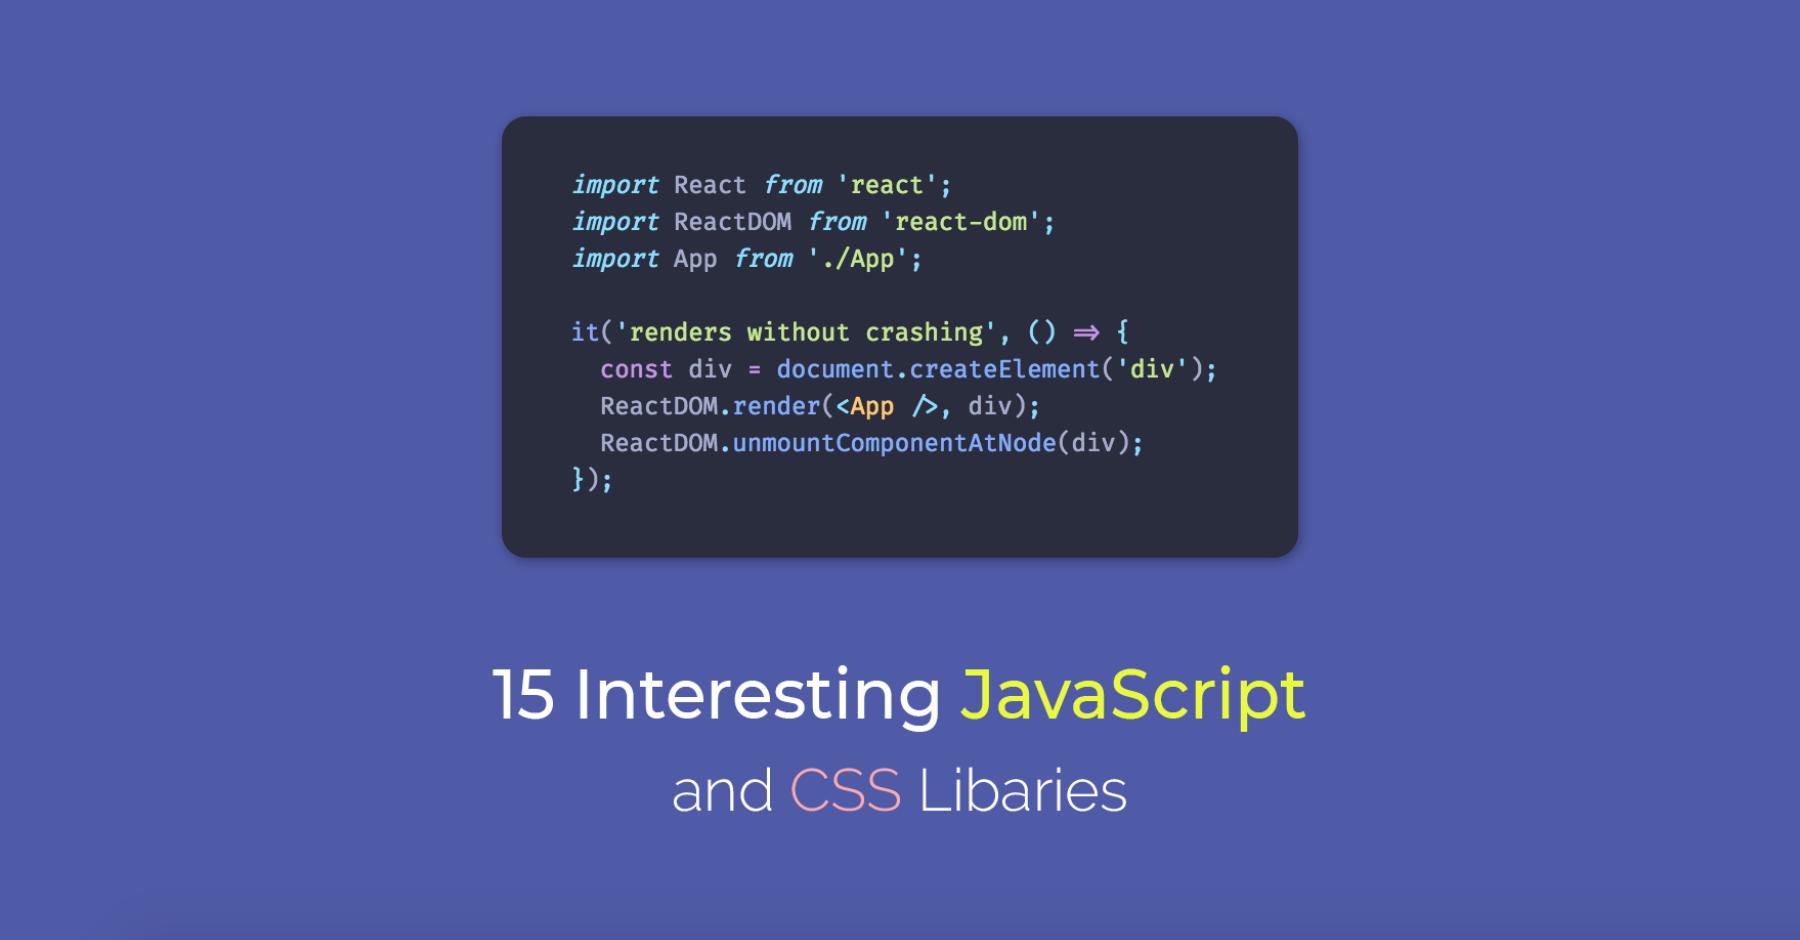 2018 年 3 月 15 个有意思的 JavaScript 和 CSS 库(15 Interesting JavaScript and CSS Libraries for March 2018)